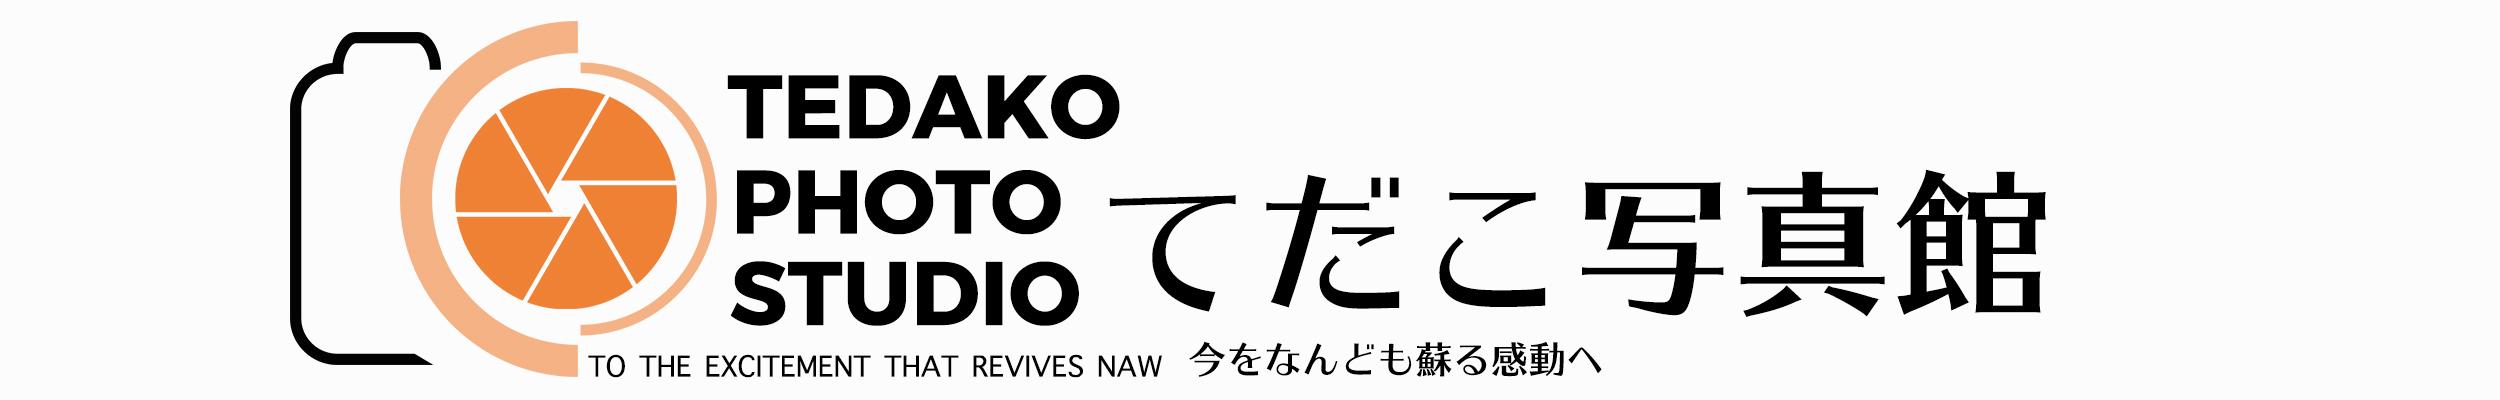 浦添のフォトスタジオ 【てだこ写真館】